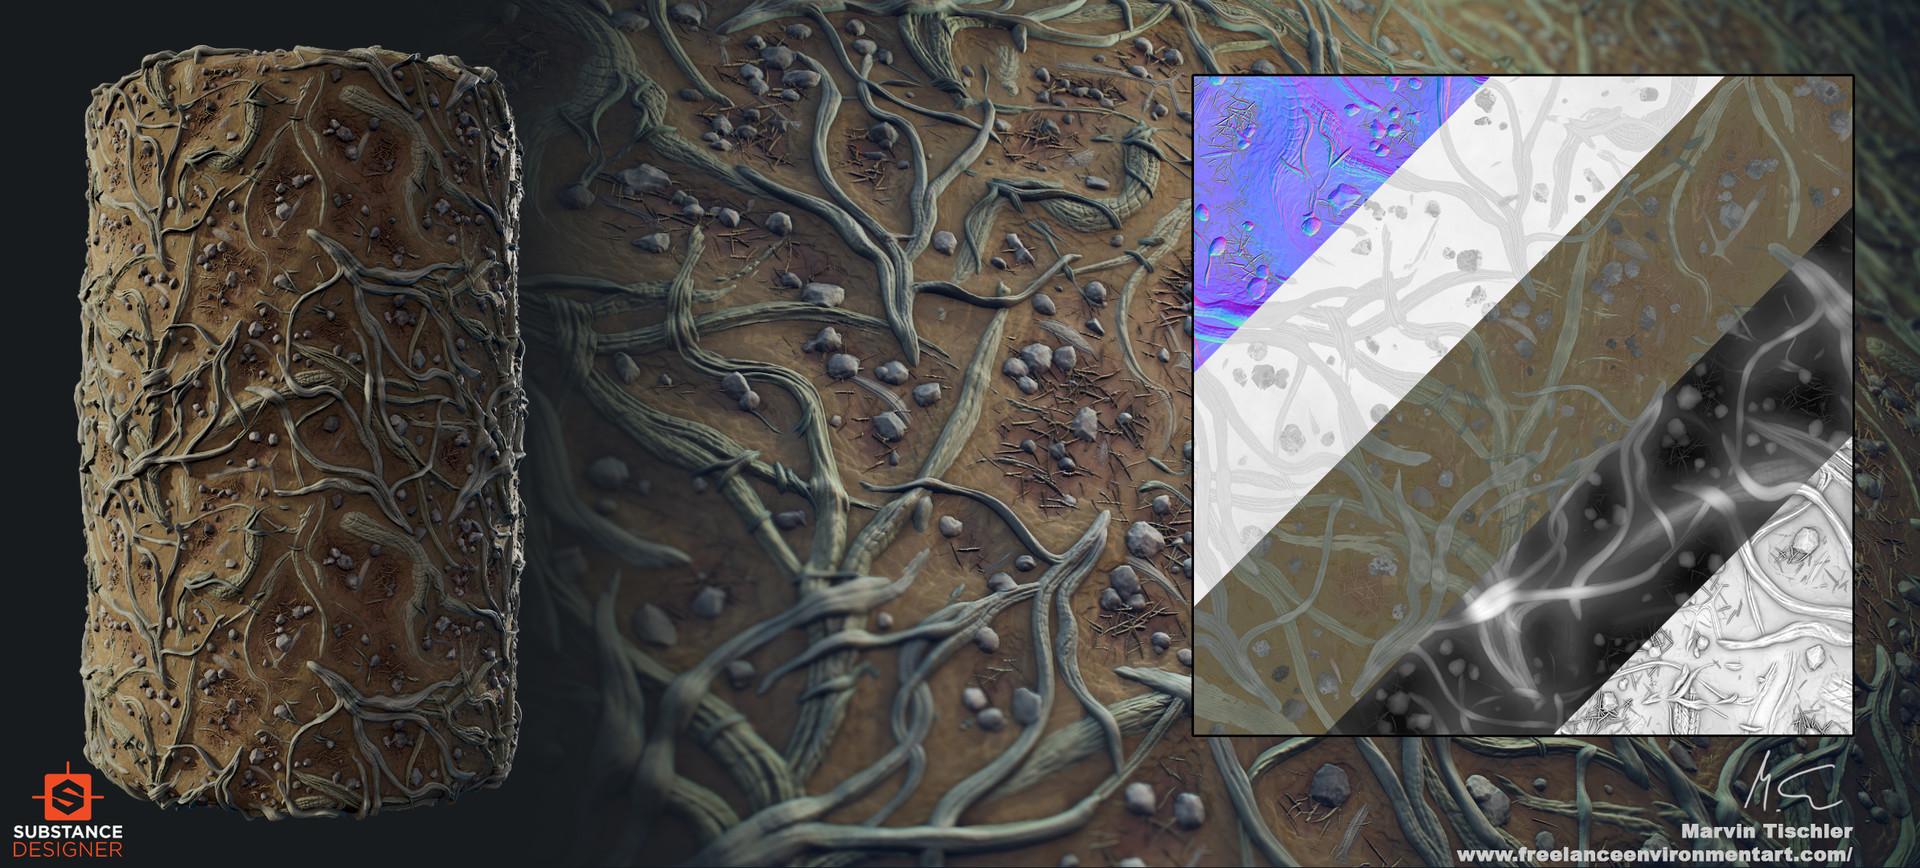 Marvin tischler procedual textures 002 k